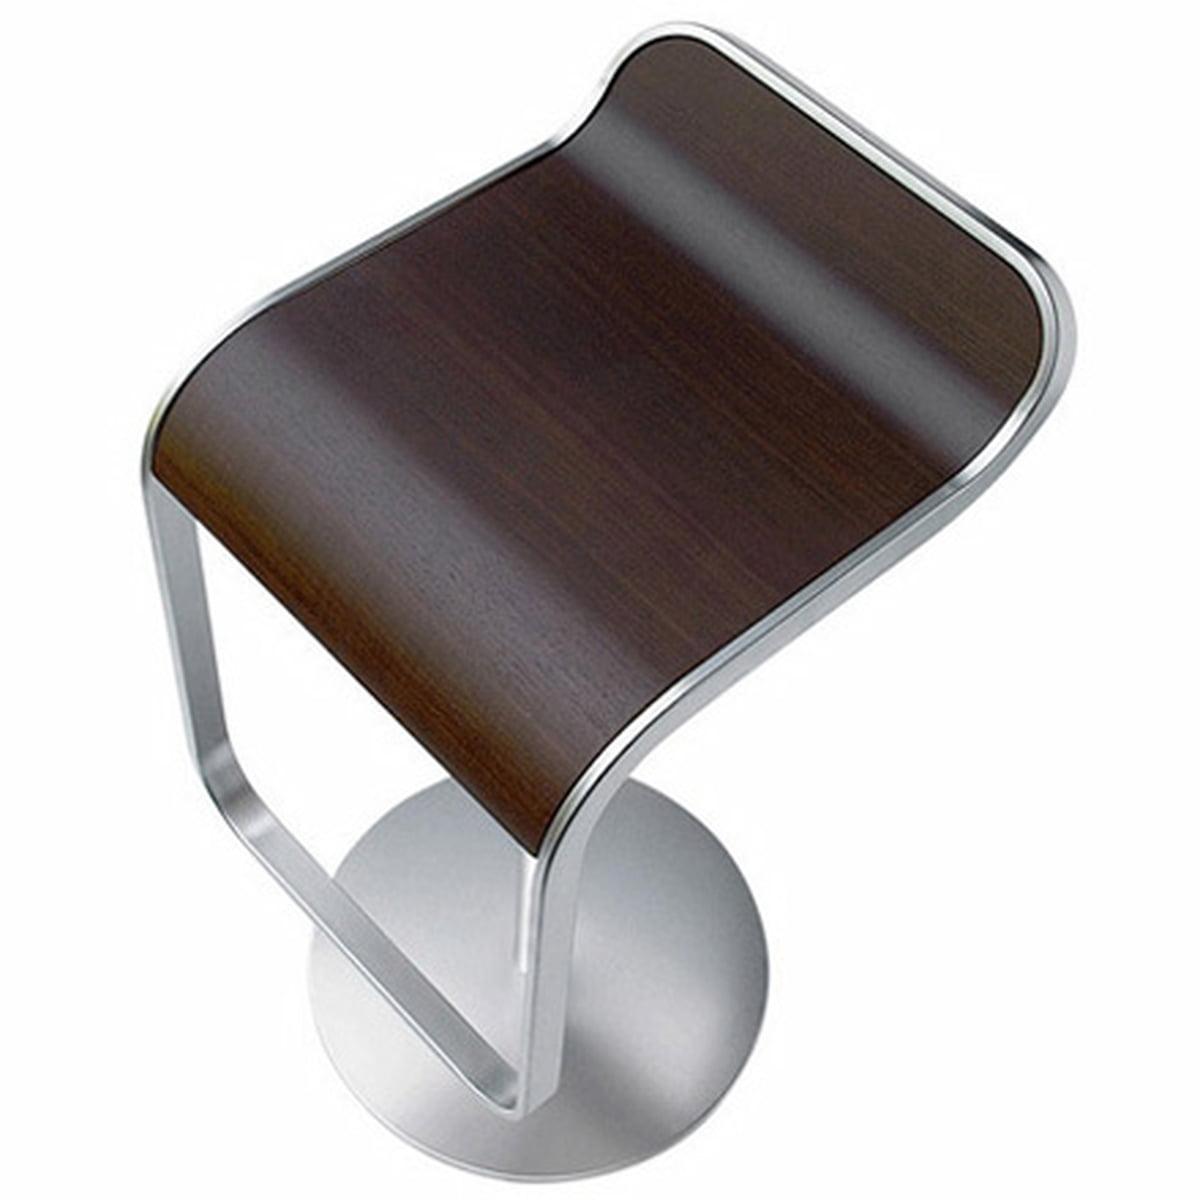 La Palma - Lem Barhocker (66-79cm) Gestell verchromt, Eiche nussbaumfarbig | Küche und Esszimmer > Bar-Möbel > Barhocker | Eiche nussbaumfarben | Metall -  matt verchromt -  eichenholz | La Palma